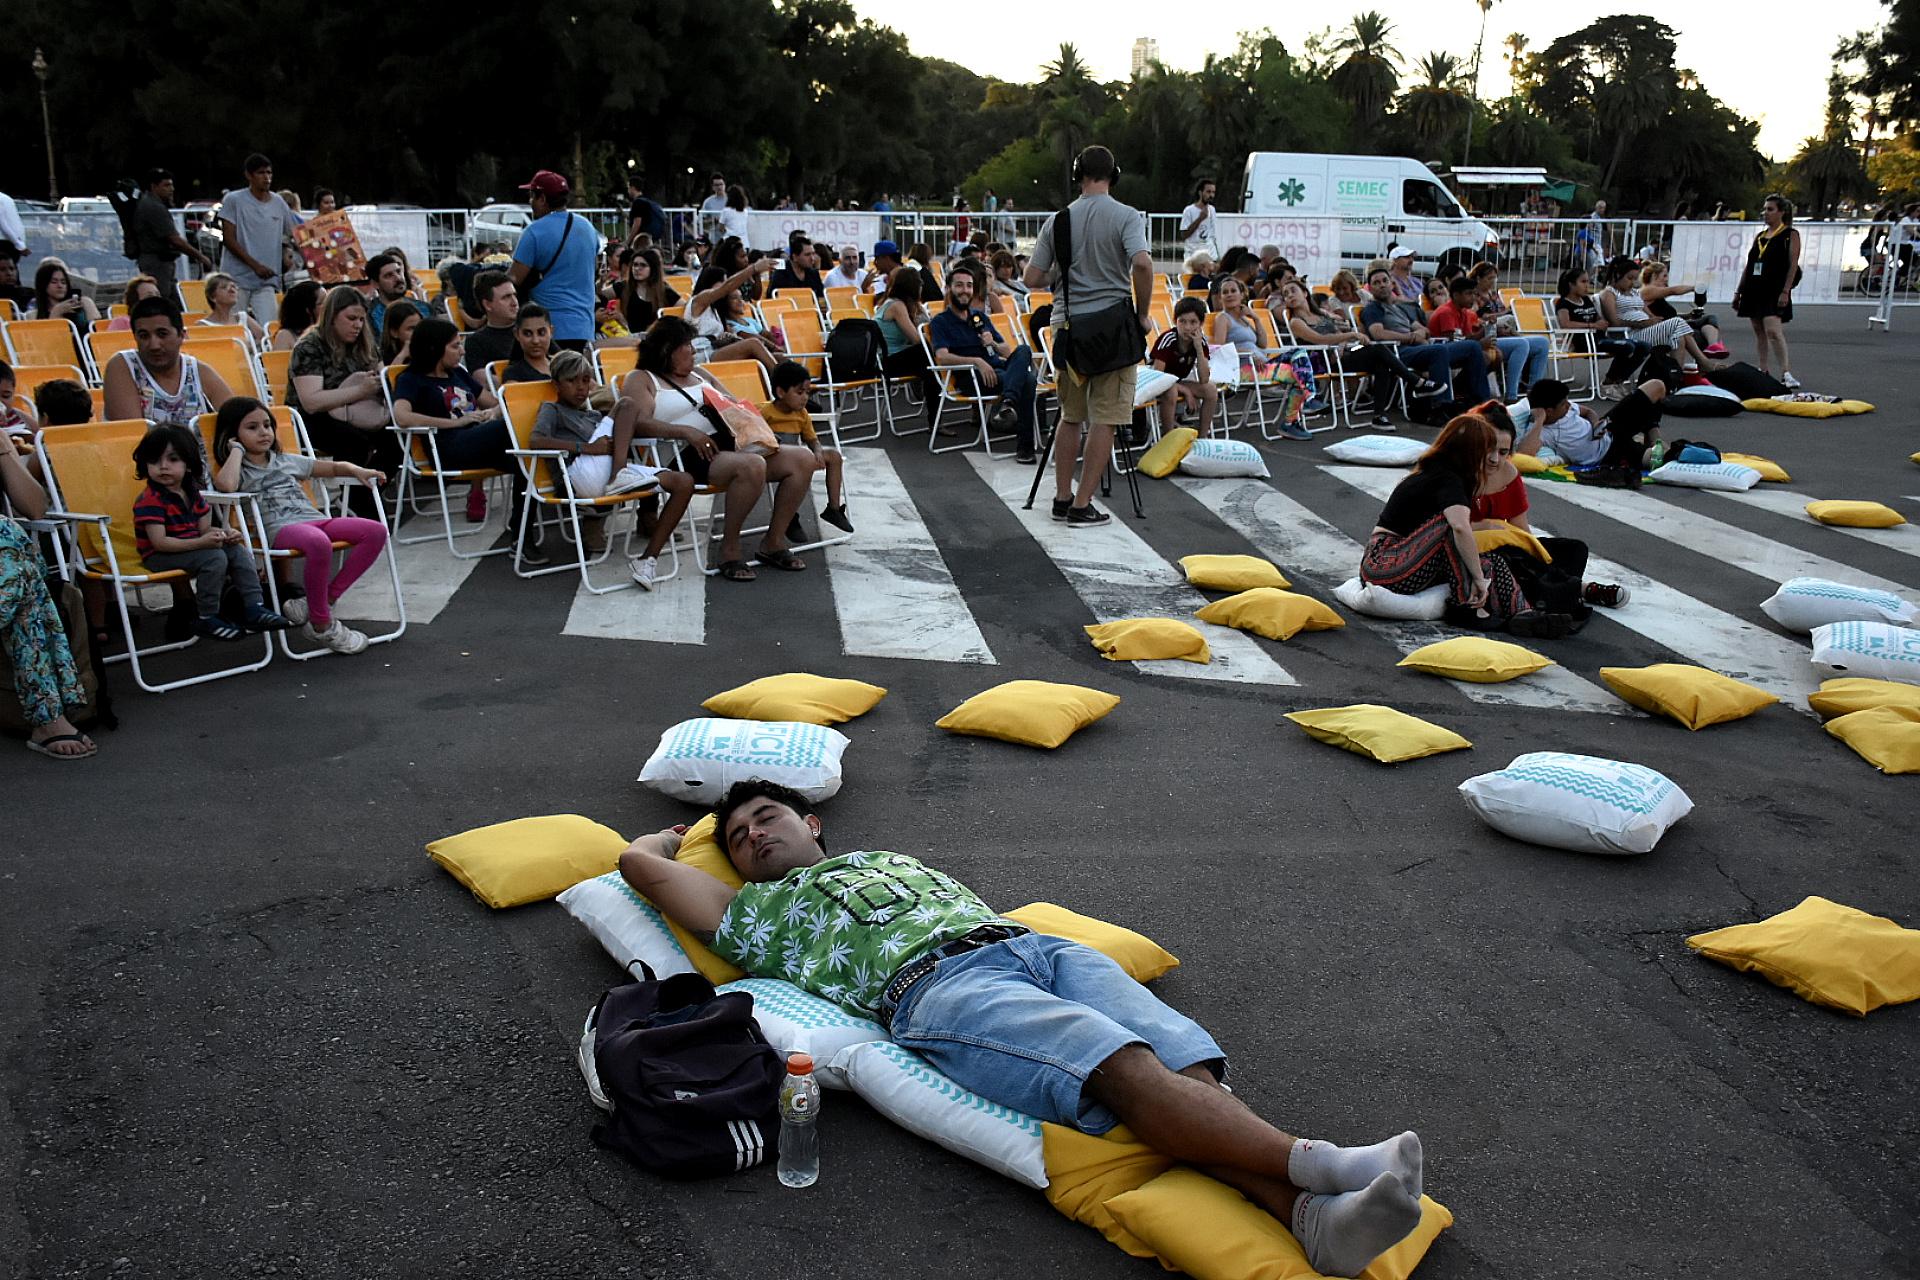 Cerca de 3.000 personas se acercaron a los Bosques de Palermo para disfrutar de la iniciativa que se extenderá hasta el próximo domingo 10 con una amplia oferta de proyecciones cinematográficas